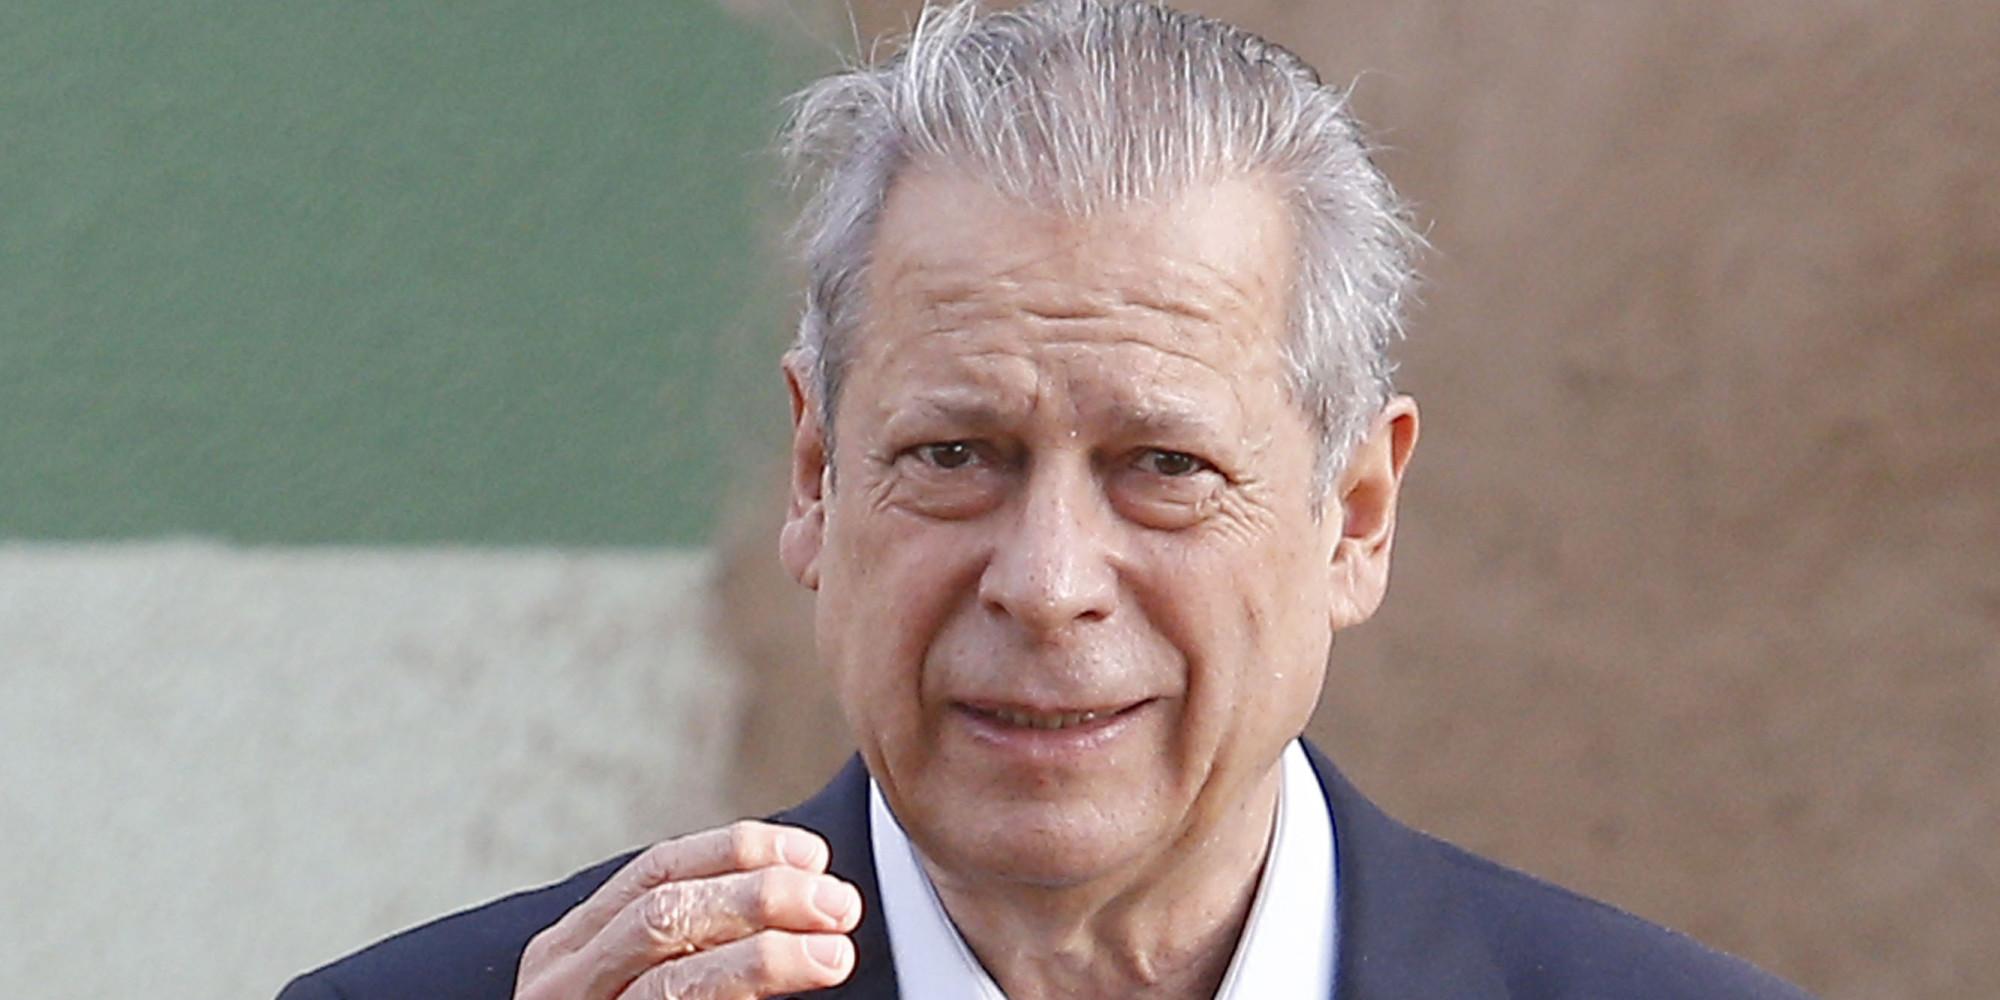 MPF e PF acusam José Dirceu de ter iniciado o esquema de corrupção na Petrobras